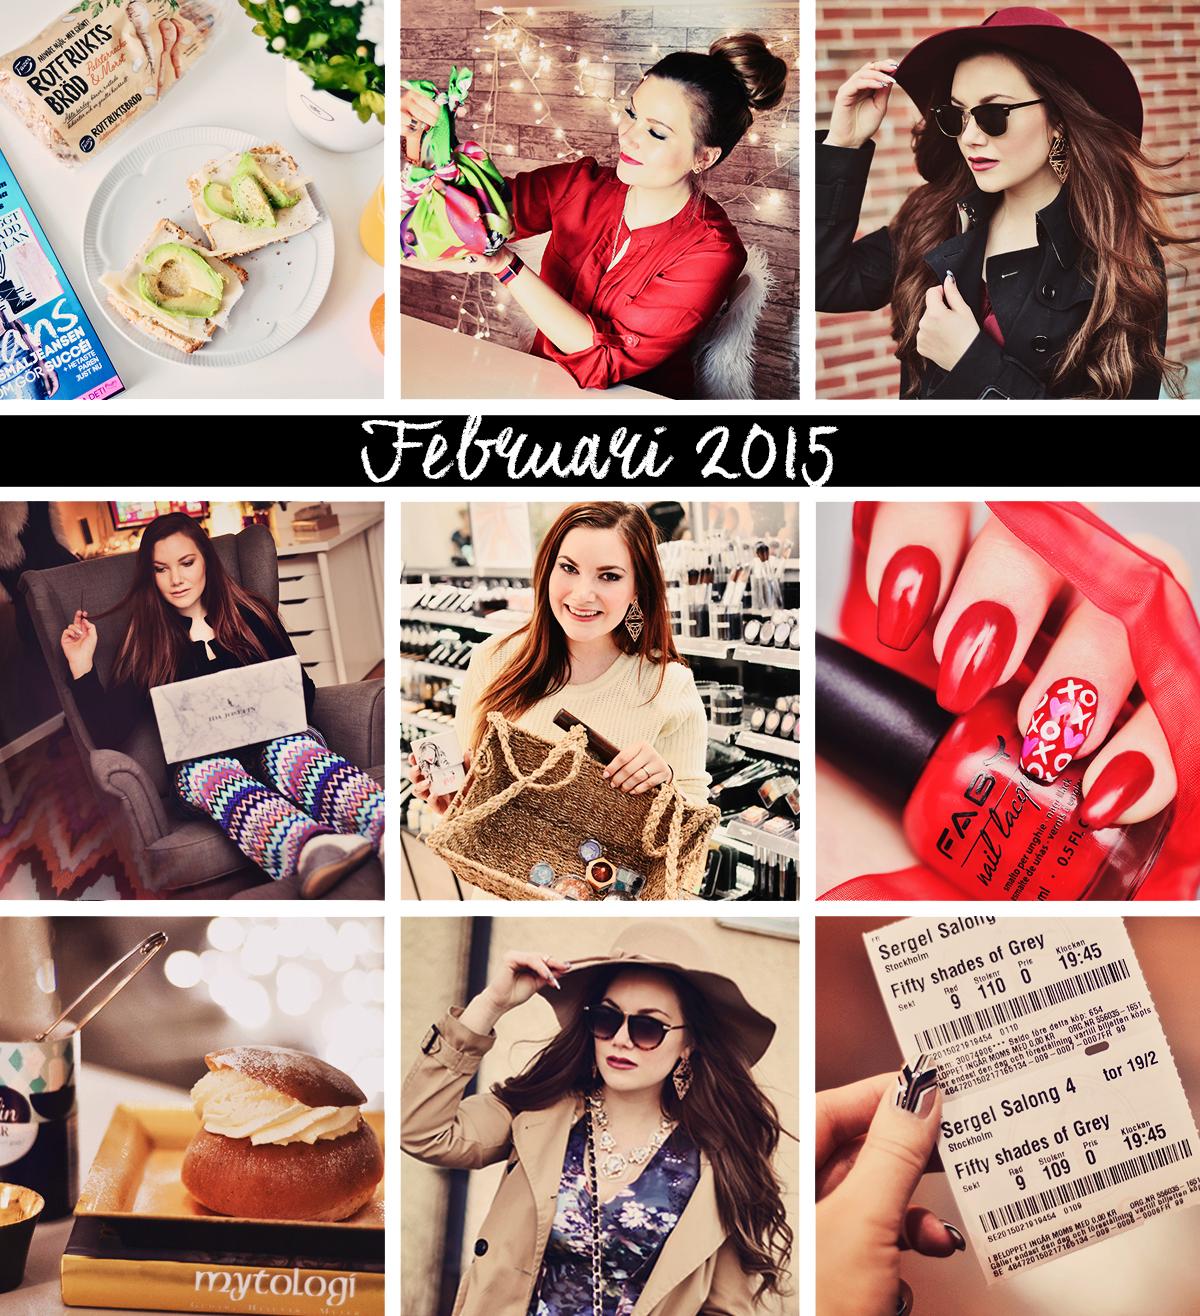 Årsresumé - Februari 2015